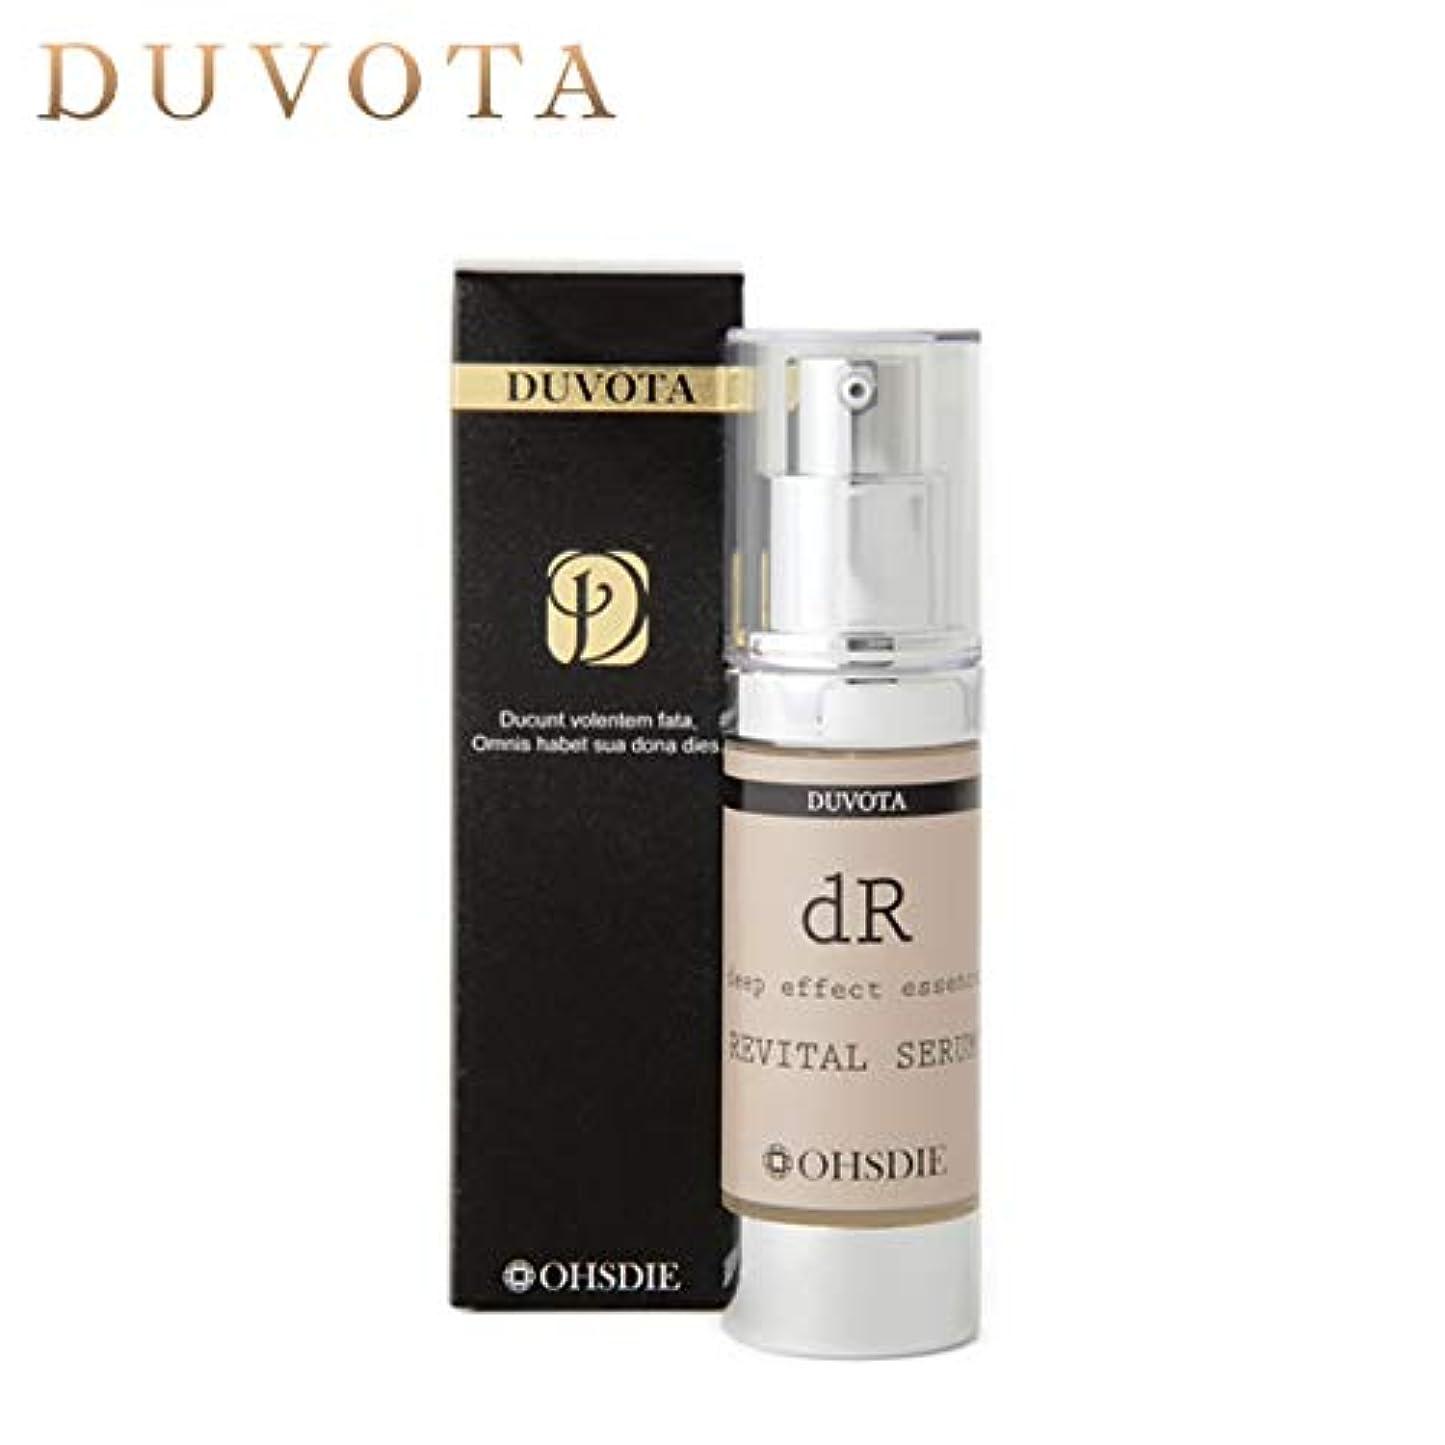 袋地区予感EGF 幹細胞 美容液 DUVOTA(ドゥボータ)ディープエフェクトエッセンスDリバイタルセラム 30ml / 馬プラセンタ ナールスゲン エレクトロポーション導入 エクラフレーズ 美顔器 リフトアップ 敏感肌 おすすめ